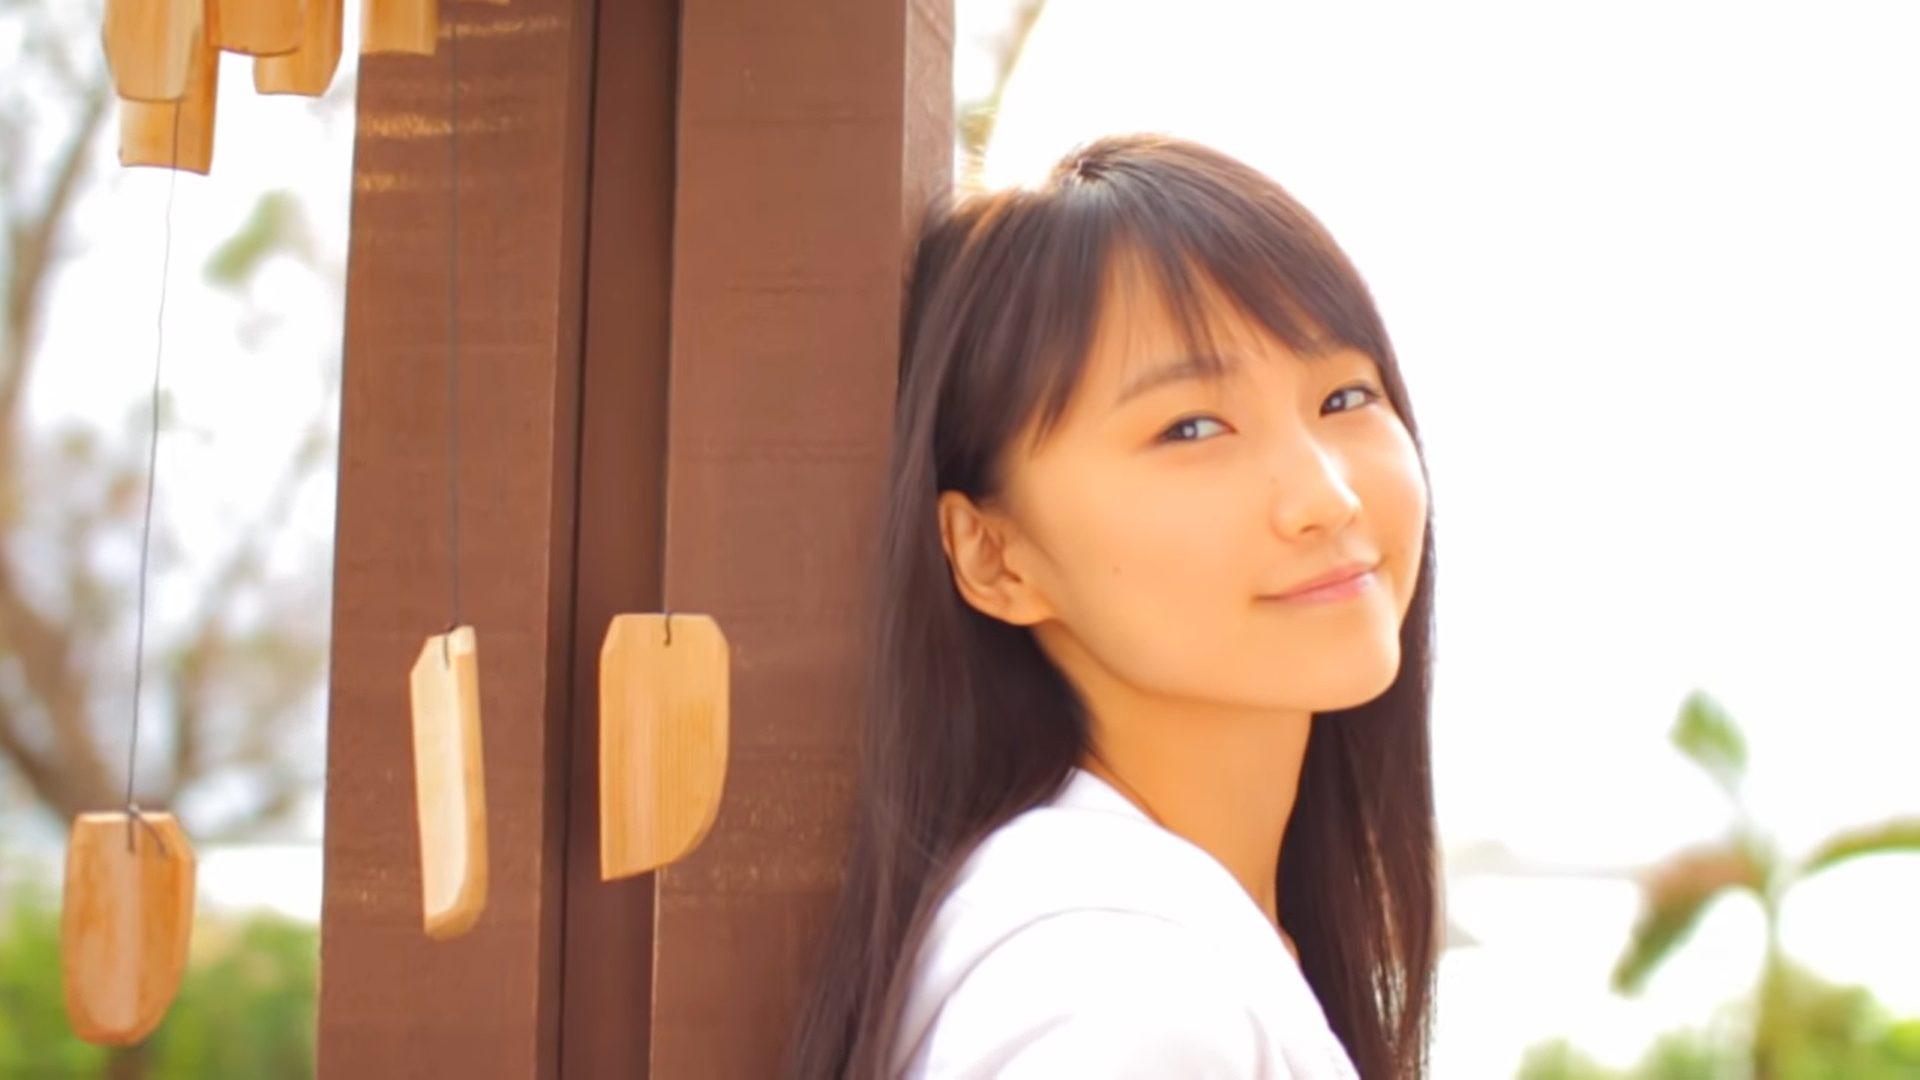 【鞘師里保】-カップ2 「sixteen」ダイジェスト動画!